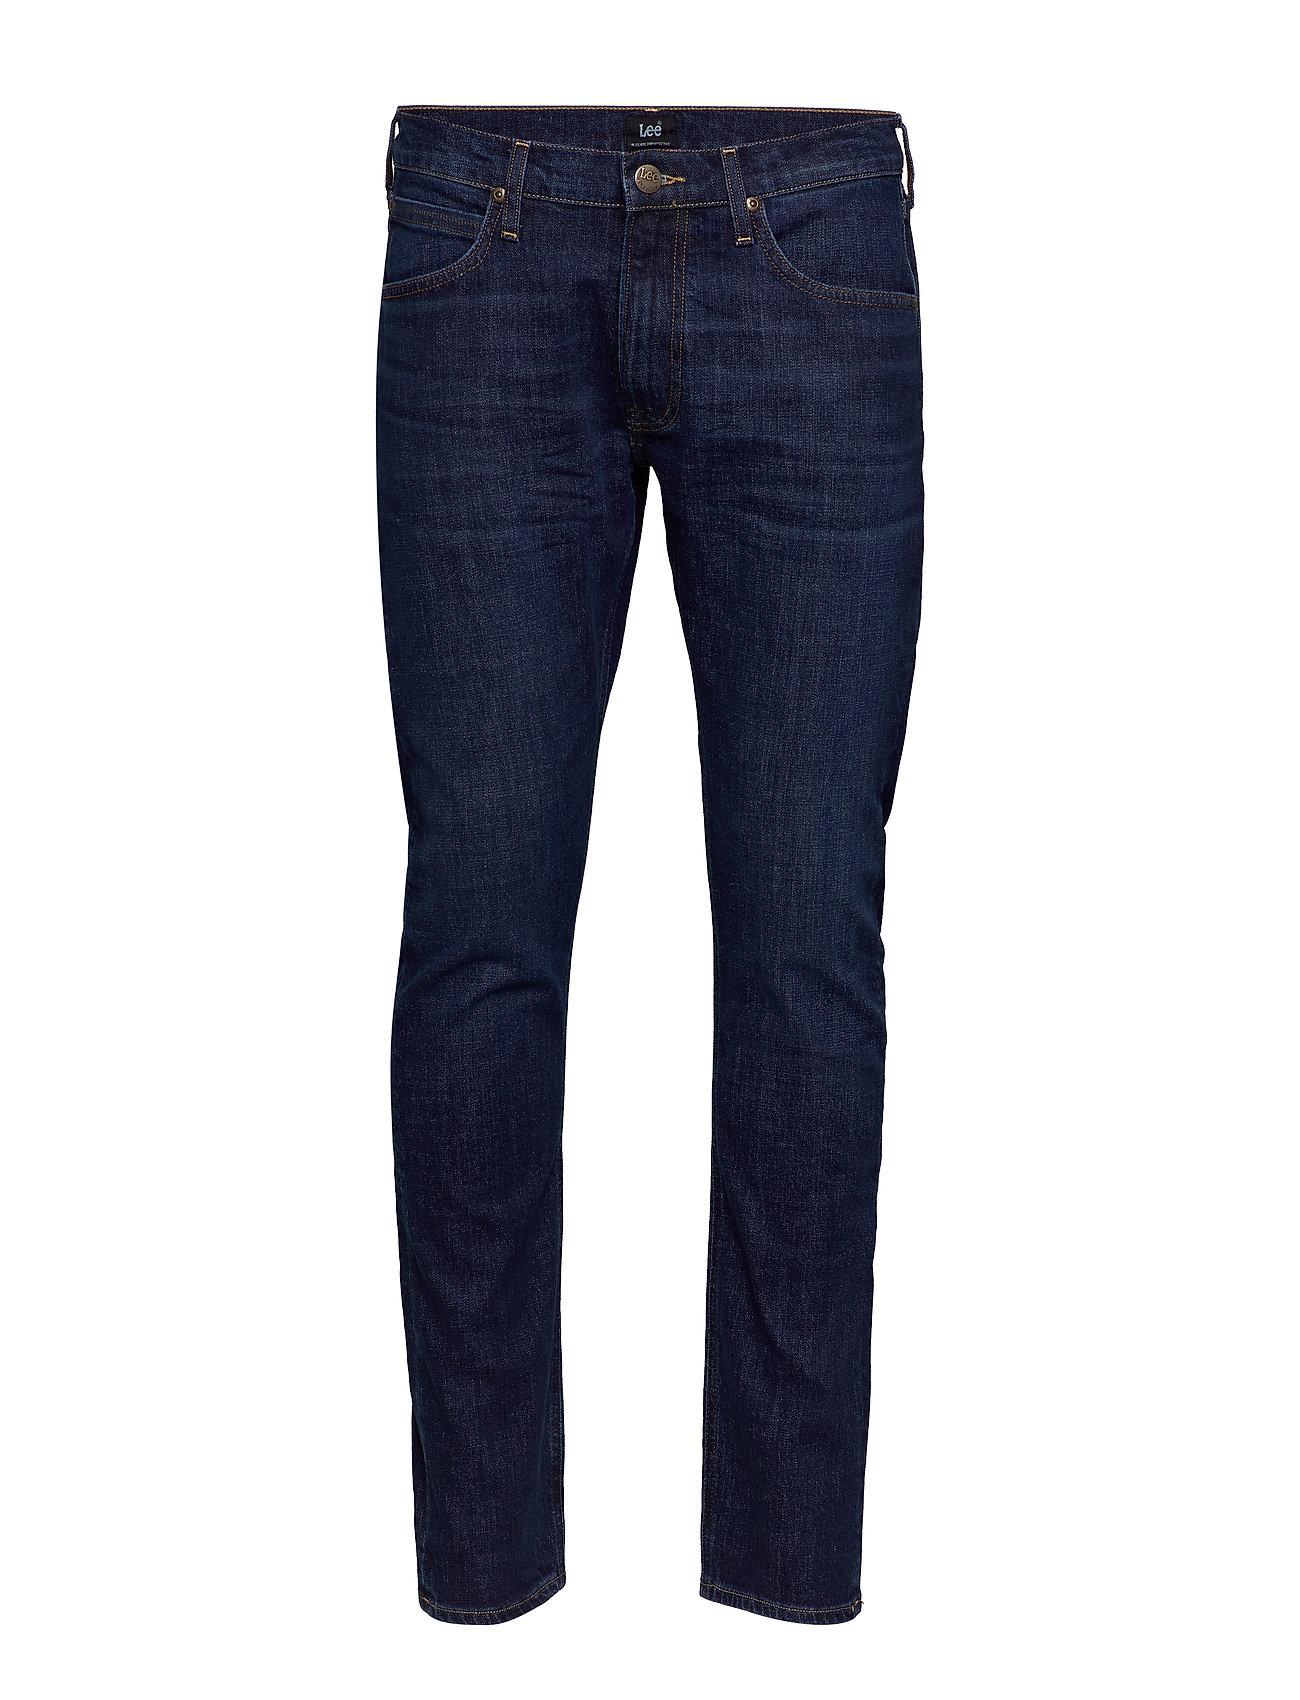 Lee Jeans LUKE - DK WORN FOAM